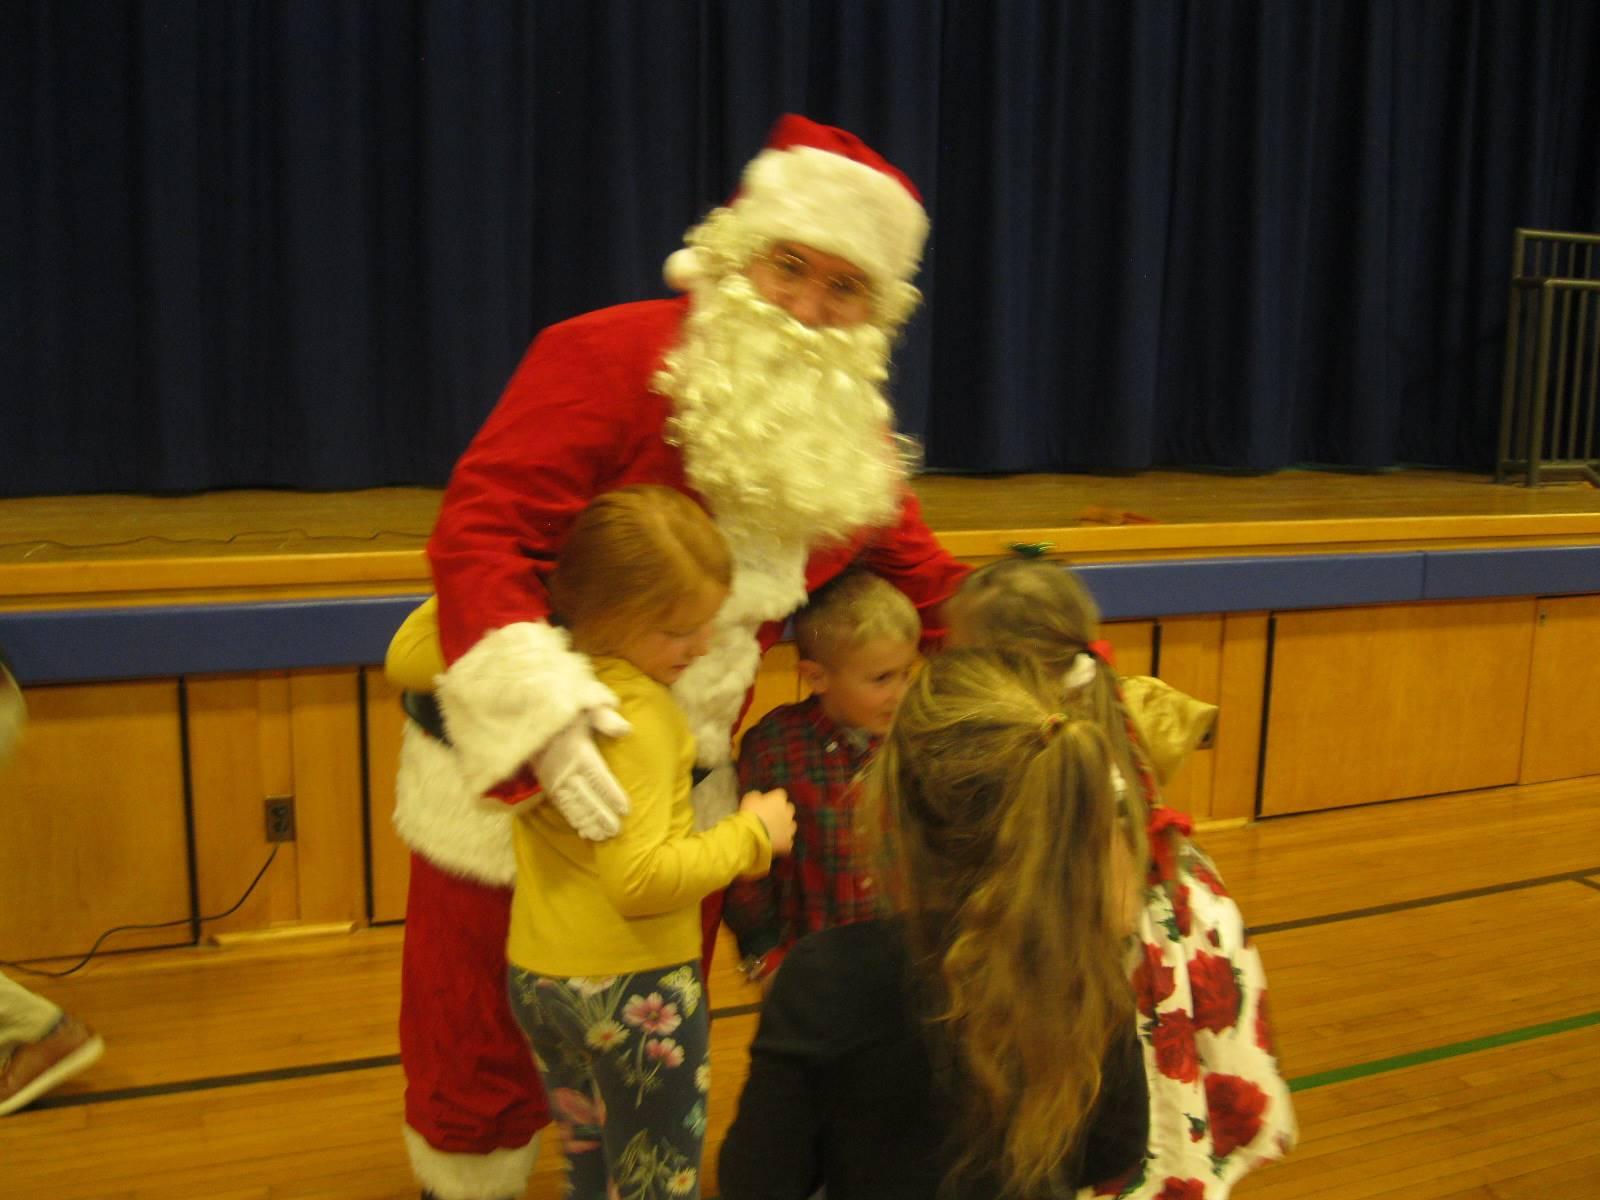 Santa gives 4 students a hug.